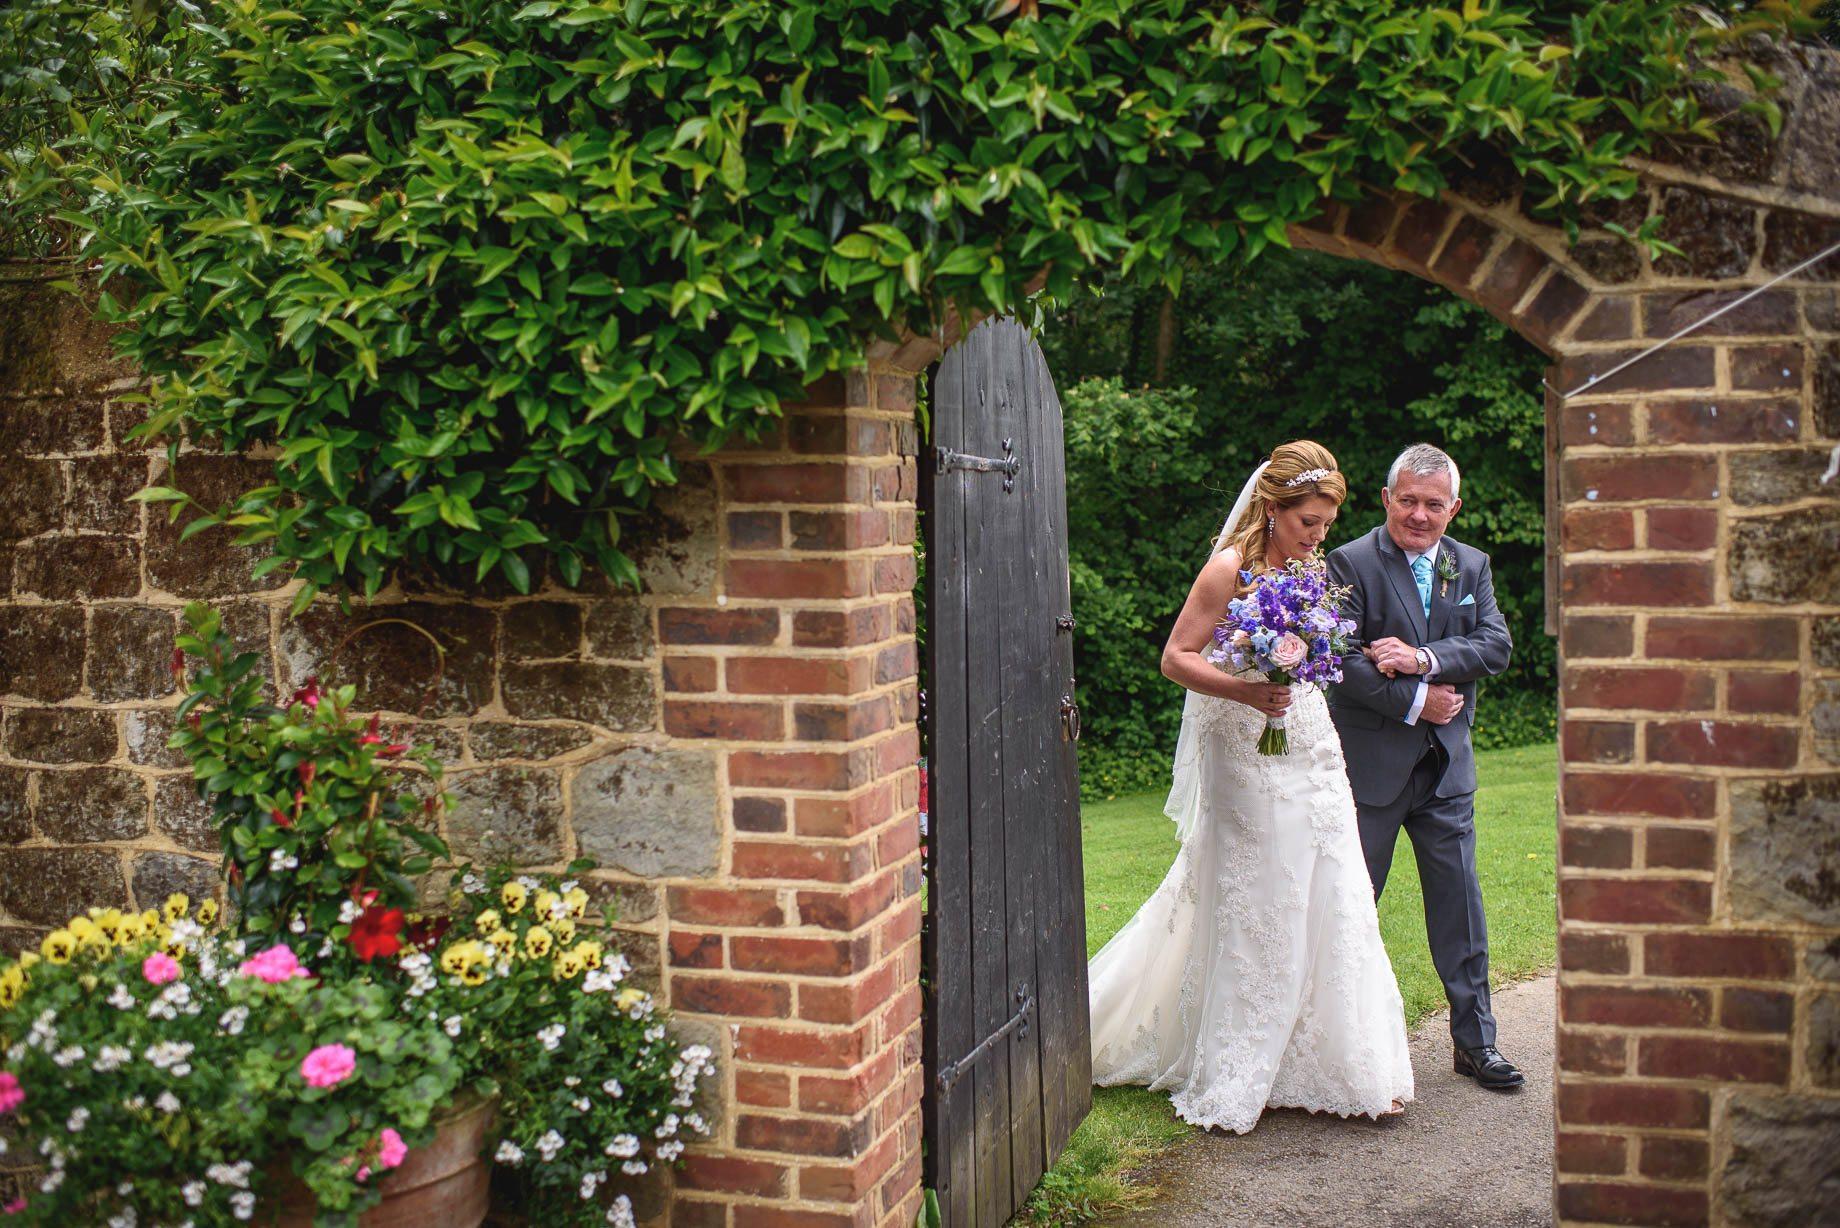 Bartholomew Barns wedding photography - Louise and Spencer (40 of 151)